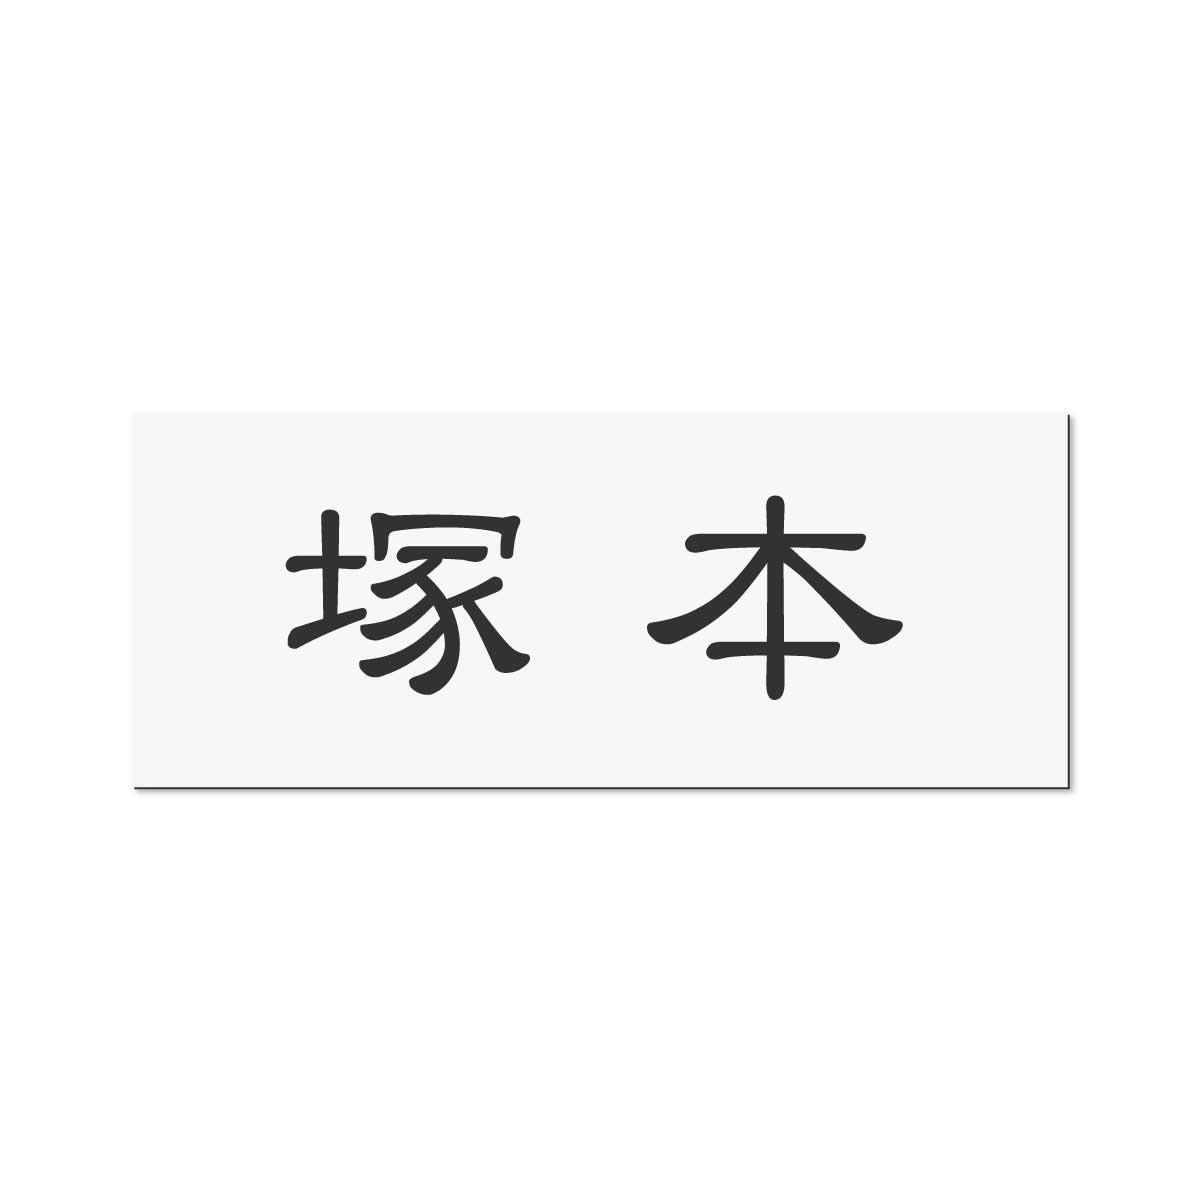 丸三タカギ 彫り込み済表札 アクリル APY2-W-1-1-塚本 【完成品】   B01E57OAG8